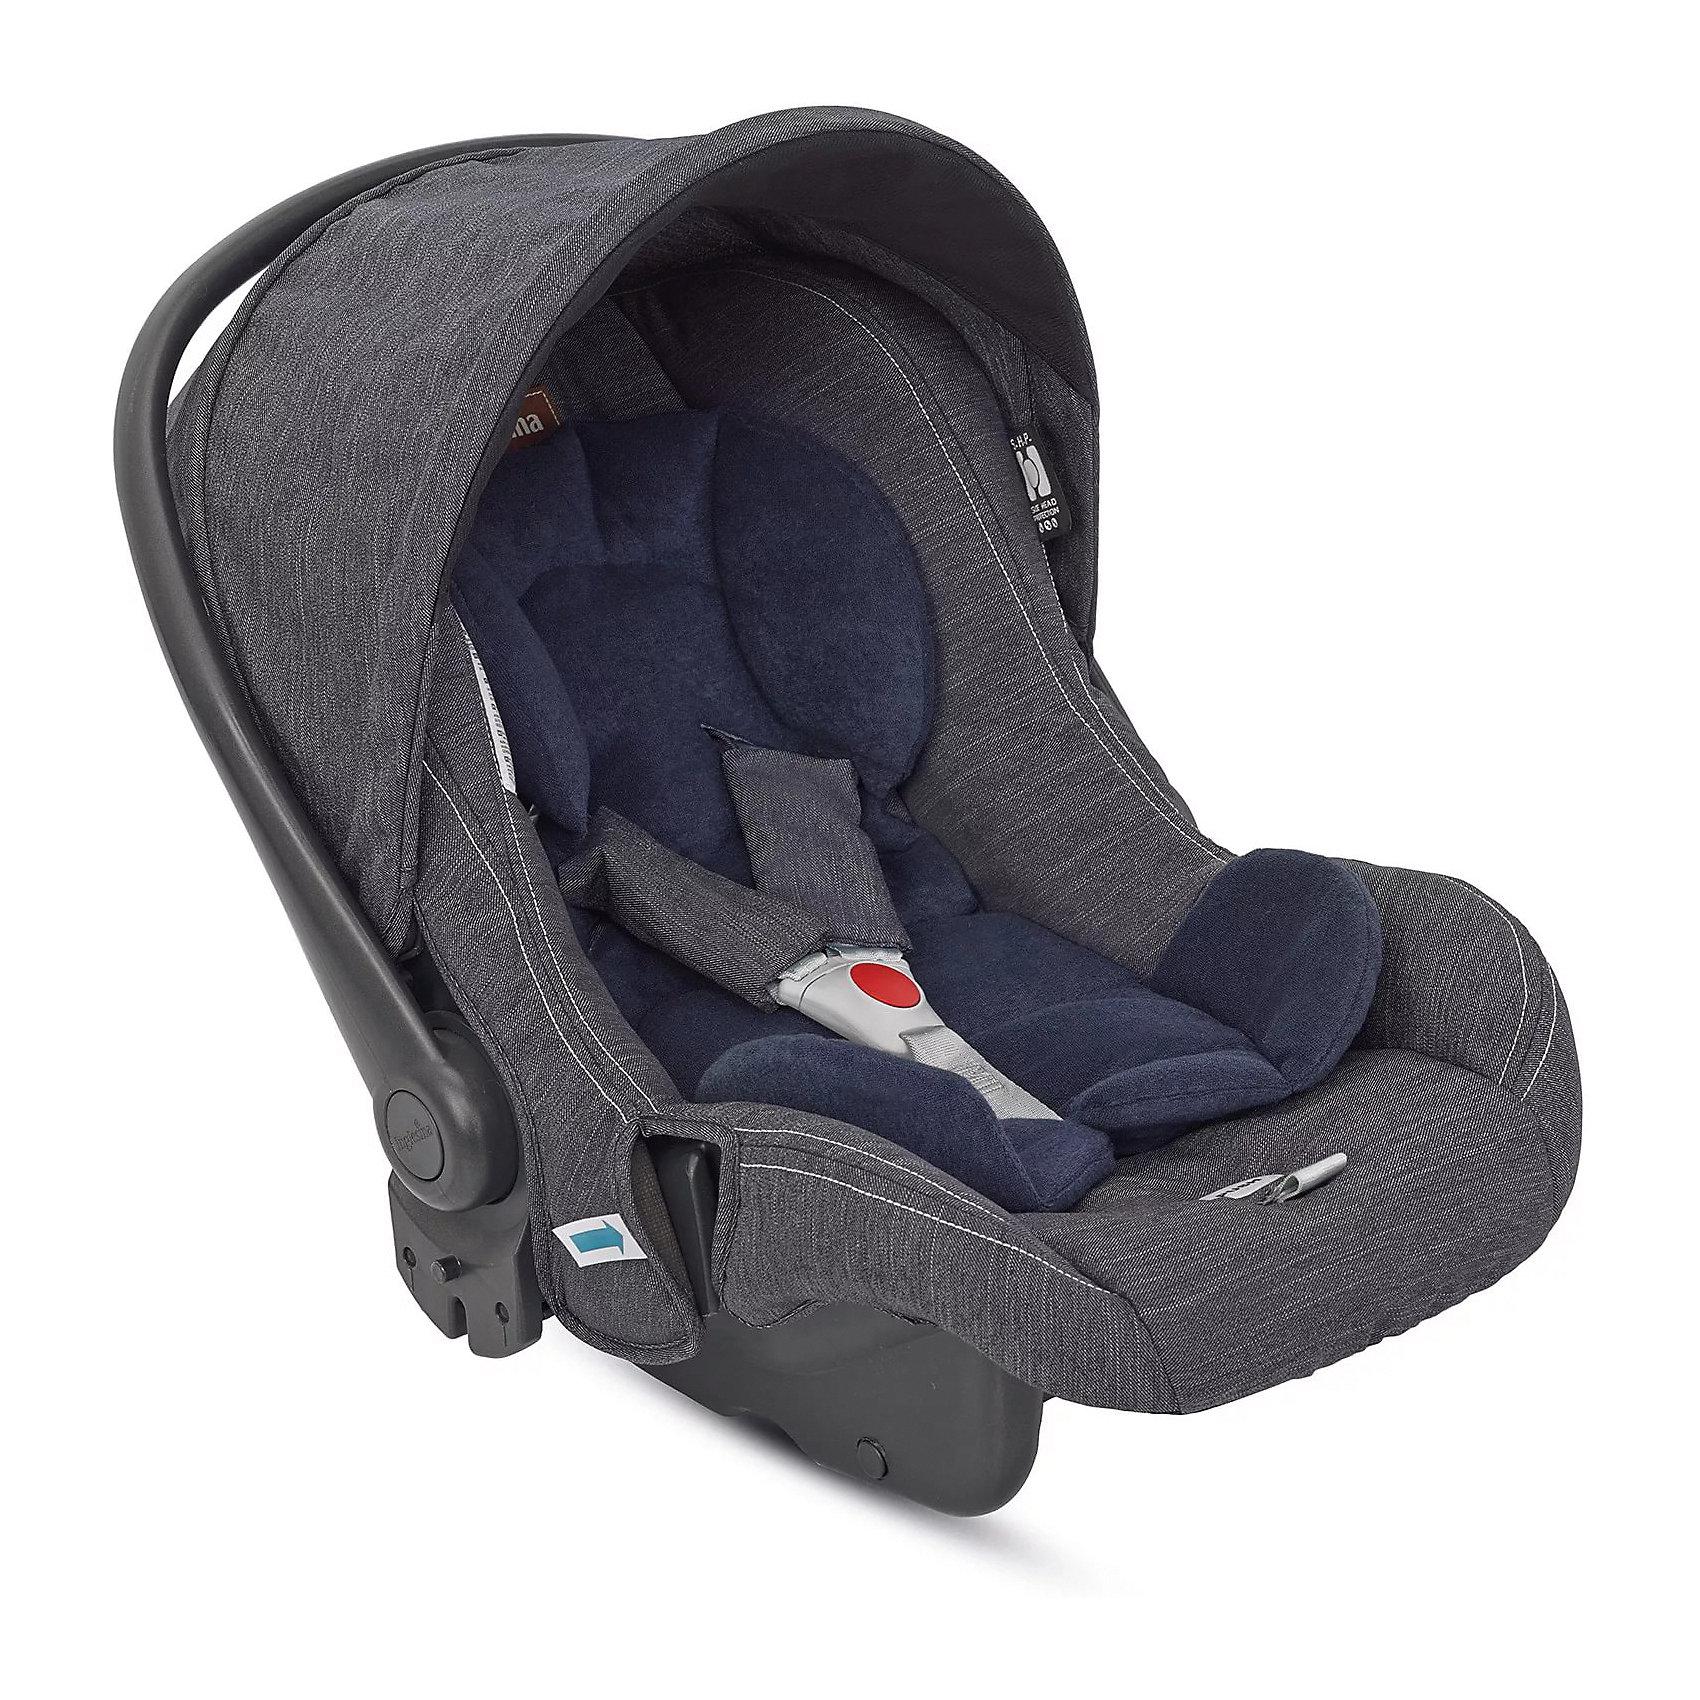 Автокресло Inglesina Huggy MULTIFIX 0-13 кг, EcruГруппа 0+ (До 13 кг)<br>Автокресло Huggy MULTIFIX обеспечит малышам комфорт и безопасность во время поездок на автомобиле. Кресло обладает регулируемой спинкой, технология Side Head Protection защитит малышей от боковых ударов. Автокресло легко установить в автомобиле с его базой, в обыкновенной комплектации или в комплектации Isofix (покупается отдельно) или без нее. Кресло сочетается с коляской Trilogy, делая детское транспортное средство максимально компактным. Это идеальный вариант для прогулок по людным местам. Благодаря системе Easy Clip, процесс установки автокресла на шасси максимально упрощен.  Мягкий вкладыш и 3-точечные страховочные ремни обеспечат малышам максимальный комфорт и безопасность. Кресло имеет эргономичную ручку для переноски, которая регулируется в 4 положениях. Тканевый чехол легко снимается и стирается при температуре не более 30 градусов в режиме деликатной стирки.<br><br>Дополнительная информация:<br><br>- Материал: текстиль, пластик, металл.<br>- Размер: 68х42х55 см.<br>- Вес: 3,7 кг.<br>- Группа 0+ (до 13 кг).<br>- Устанавливается против хода движения. <br>- Трехточечные ремни безопасности.<br>- Мягкий вкладыш. <br>- Индикаторы правильного крепления кресла.<br>- Фиксация в авто штатными ремнями.<br>- Установка в коляске Trilogy креплением Easy Clip.<br>- Удобная ручка-переноска, регулируемая в 4 положениях.<br>- В комплекте: нескользящий анатомический вкладыш, капюшон.<br><br>Автокресло Huggy MULTIFIX 0-13 кг., Inglesina (Инглезина), Ecru, можно купить в нашем магазине.<br><br>Ширина мм: 440<br>Глубина мм: 385<br>Высота мм: 725<br>Вес г: 5300<br>Цвет: бежевый<br>Возраст от месяцев: 0<br>Возраст до месяцев: 18<br>Пол: Унисекс<br>Возраст: Детский<br>SKU: 4764247